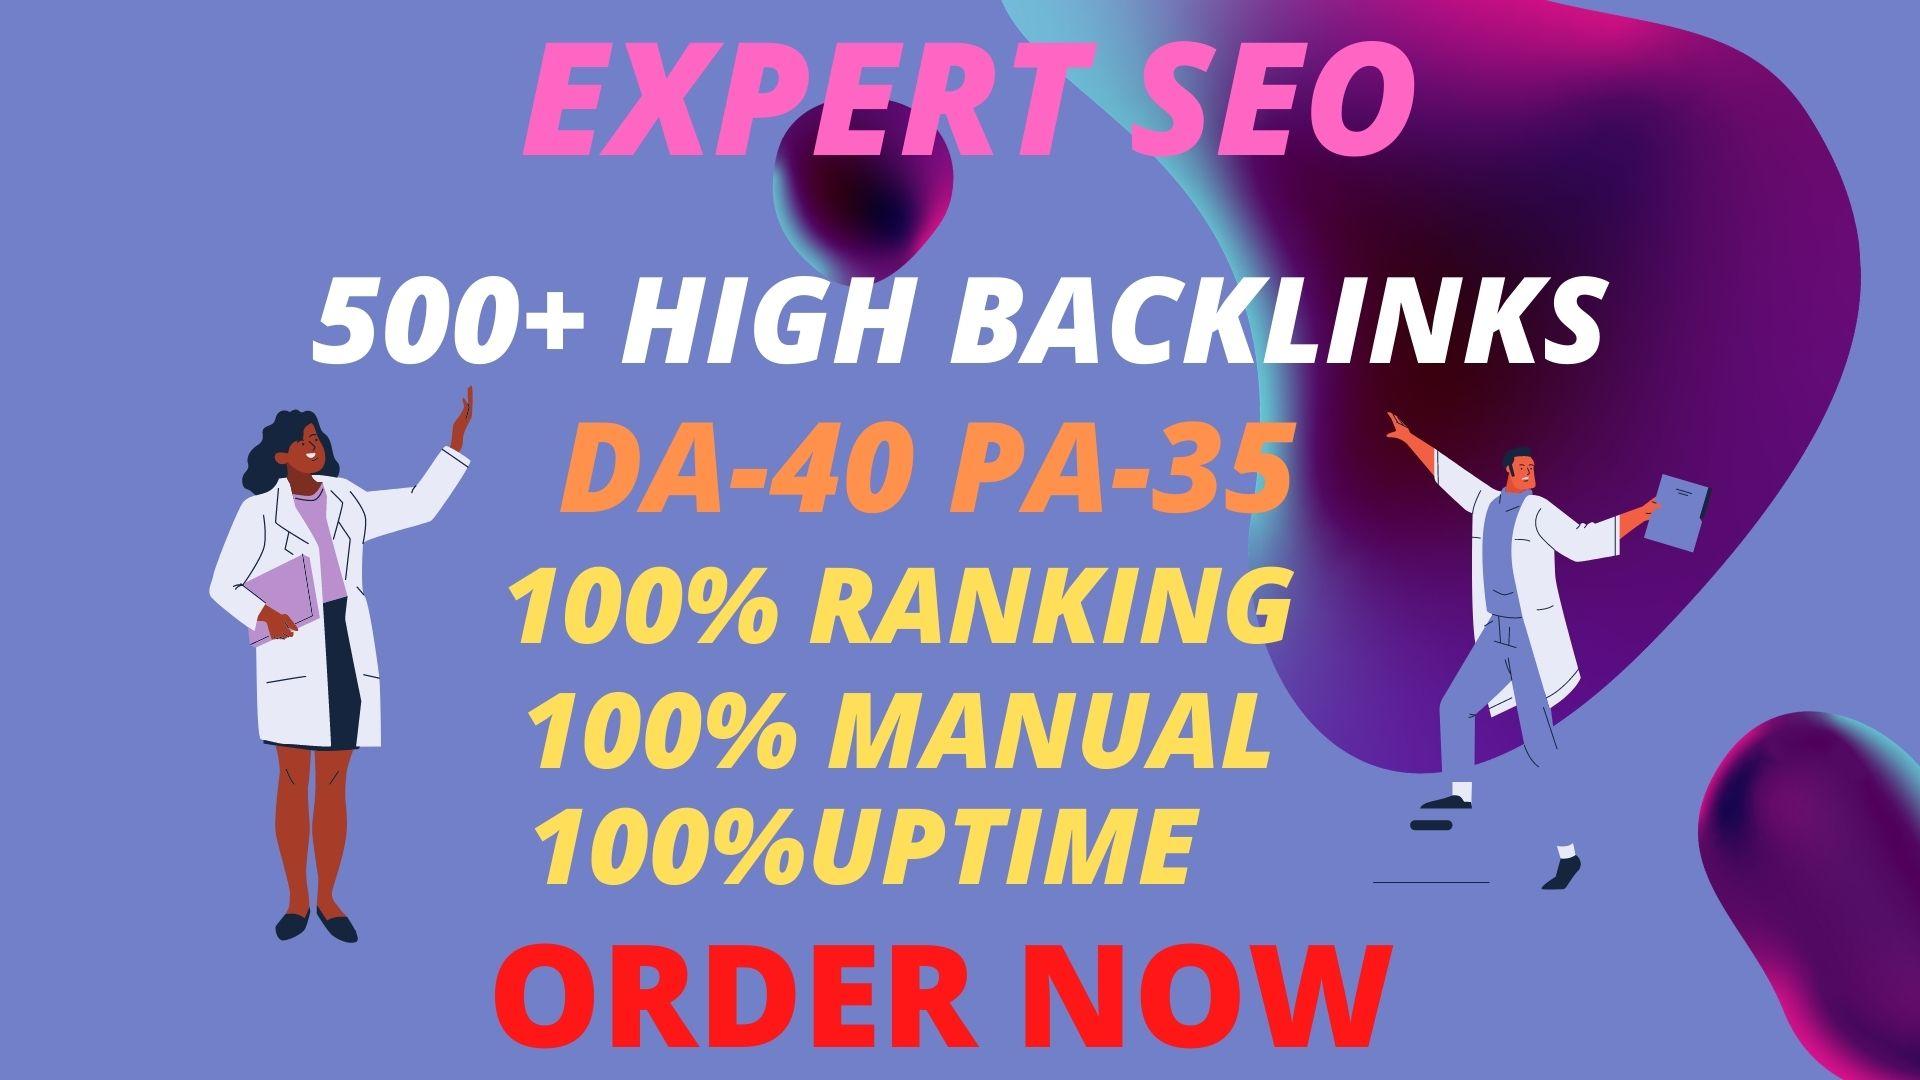 I will provide 500 + build web 2.0 backlinks manually.